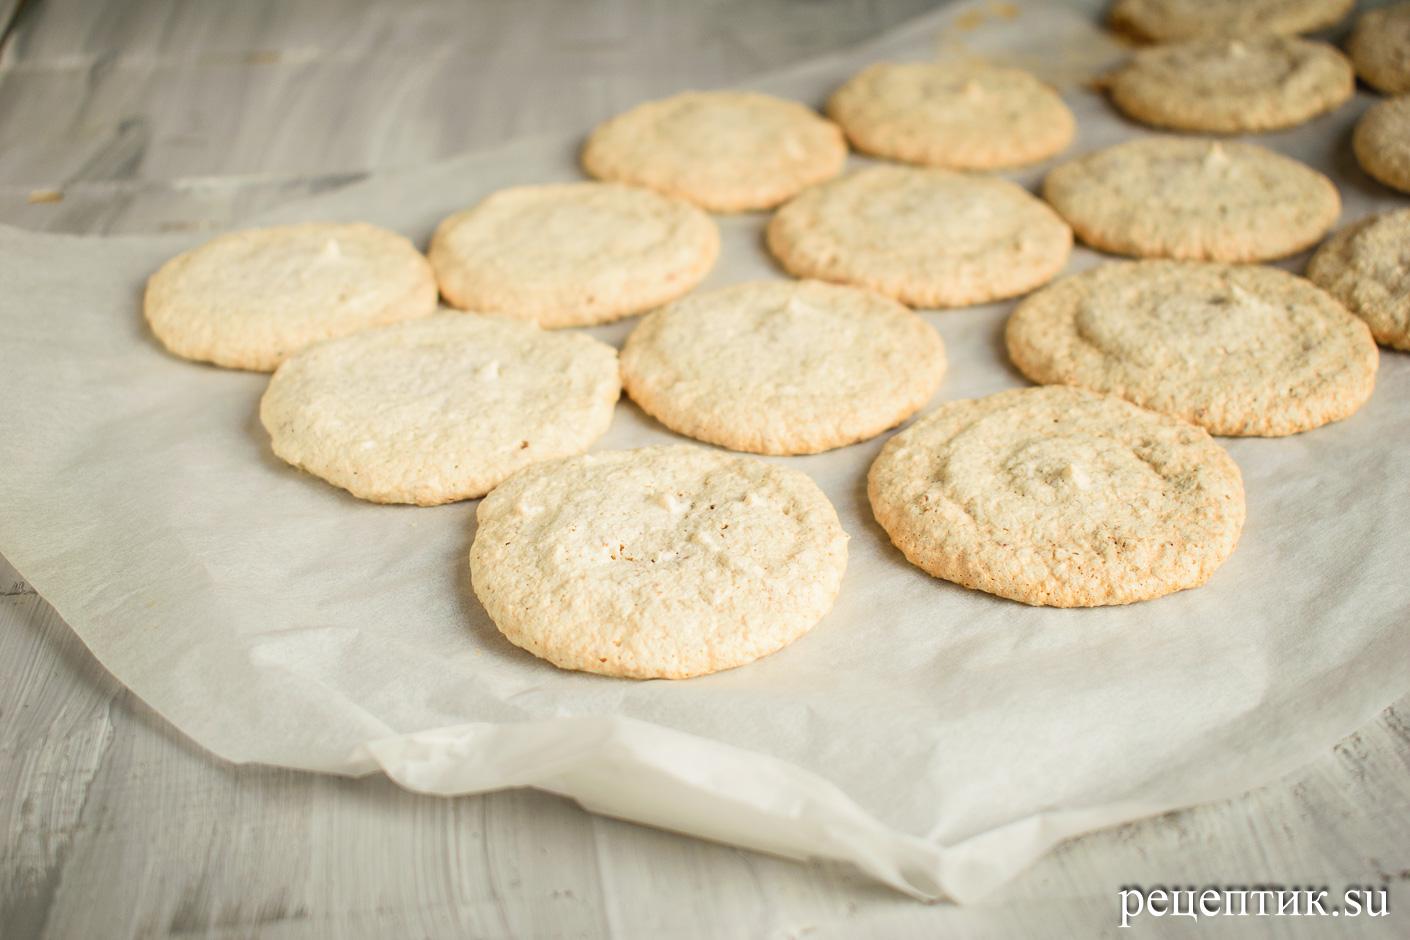 Простое миндальное печенье без муки (ореховое безе) - рецепт с фото, шаг 10